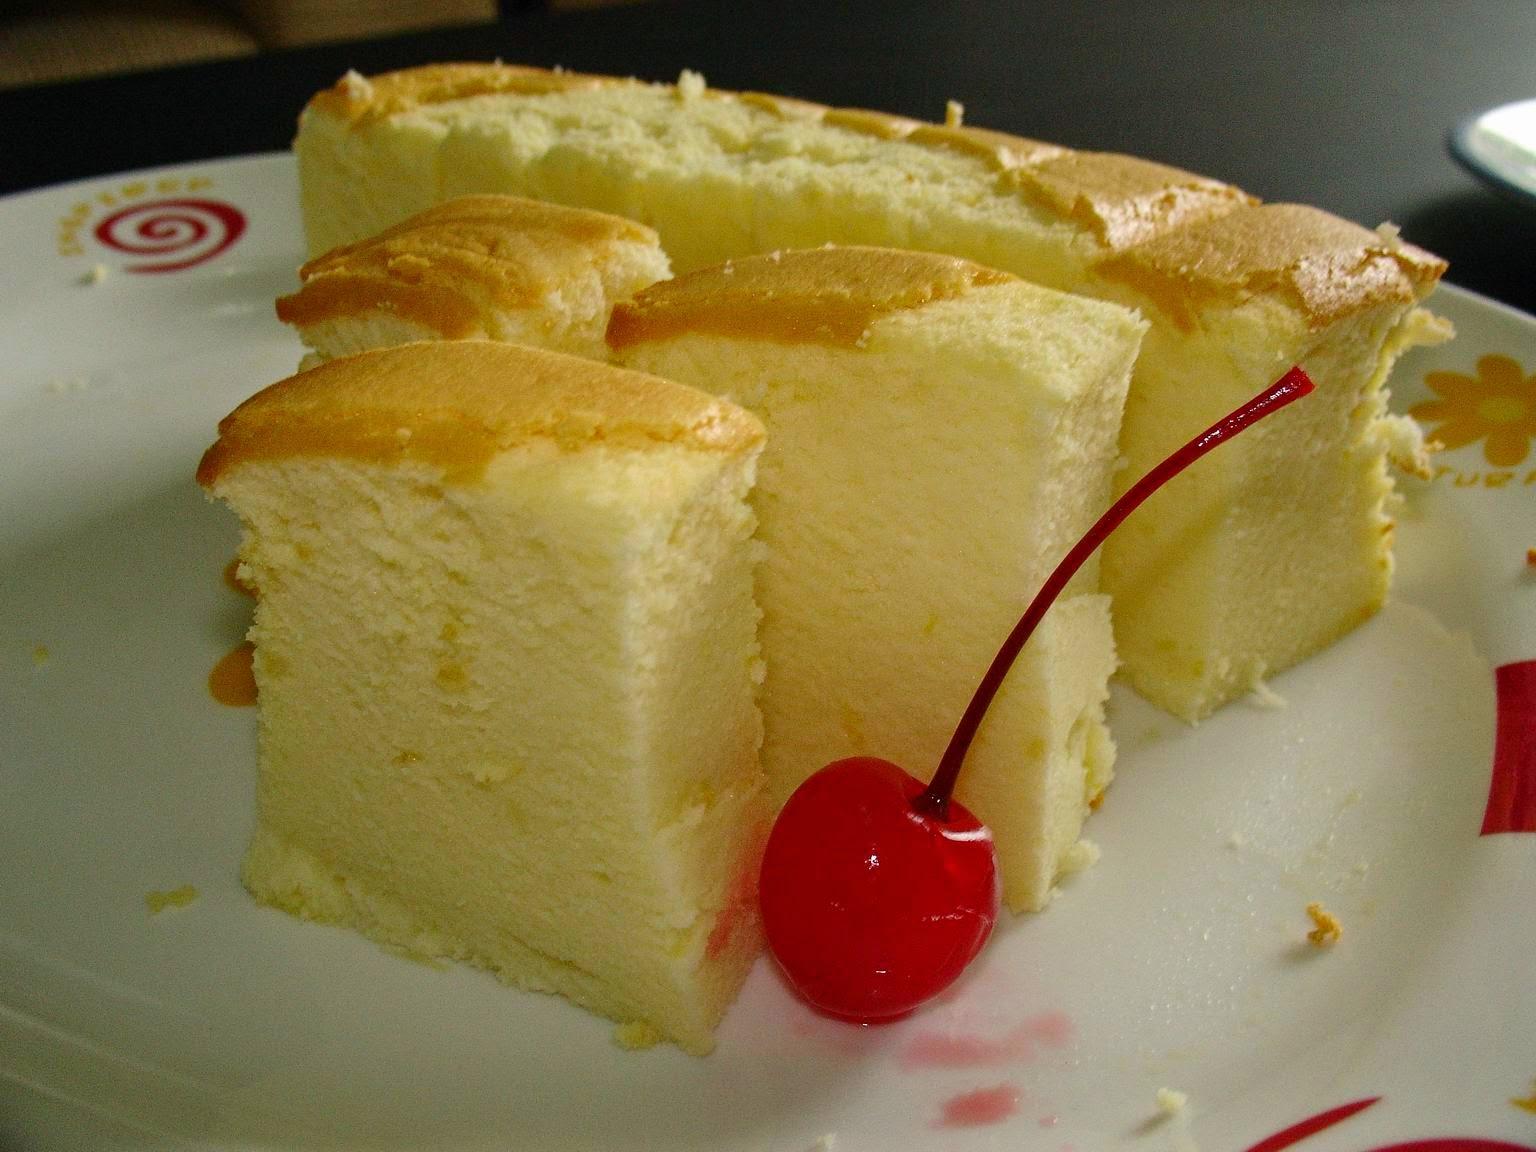 Resep Cake Keju Enak: Cara Membuat Bolu Pisang Empuk Dan Enak